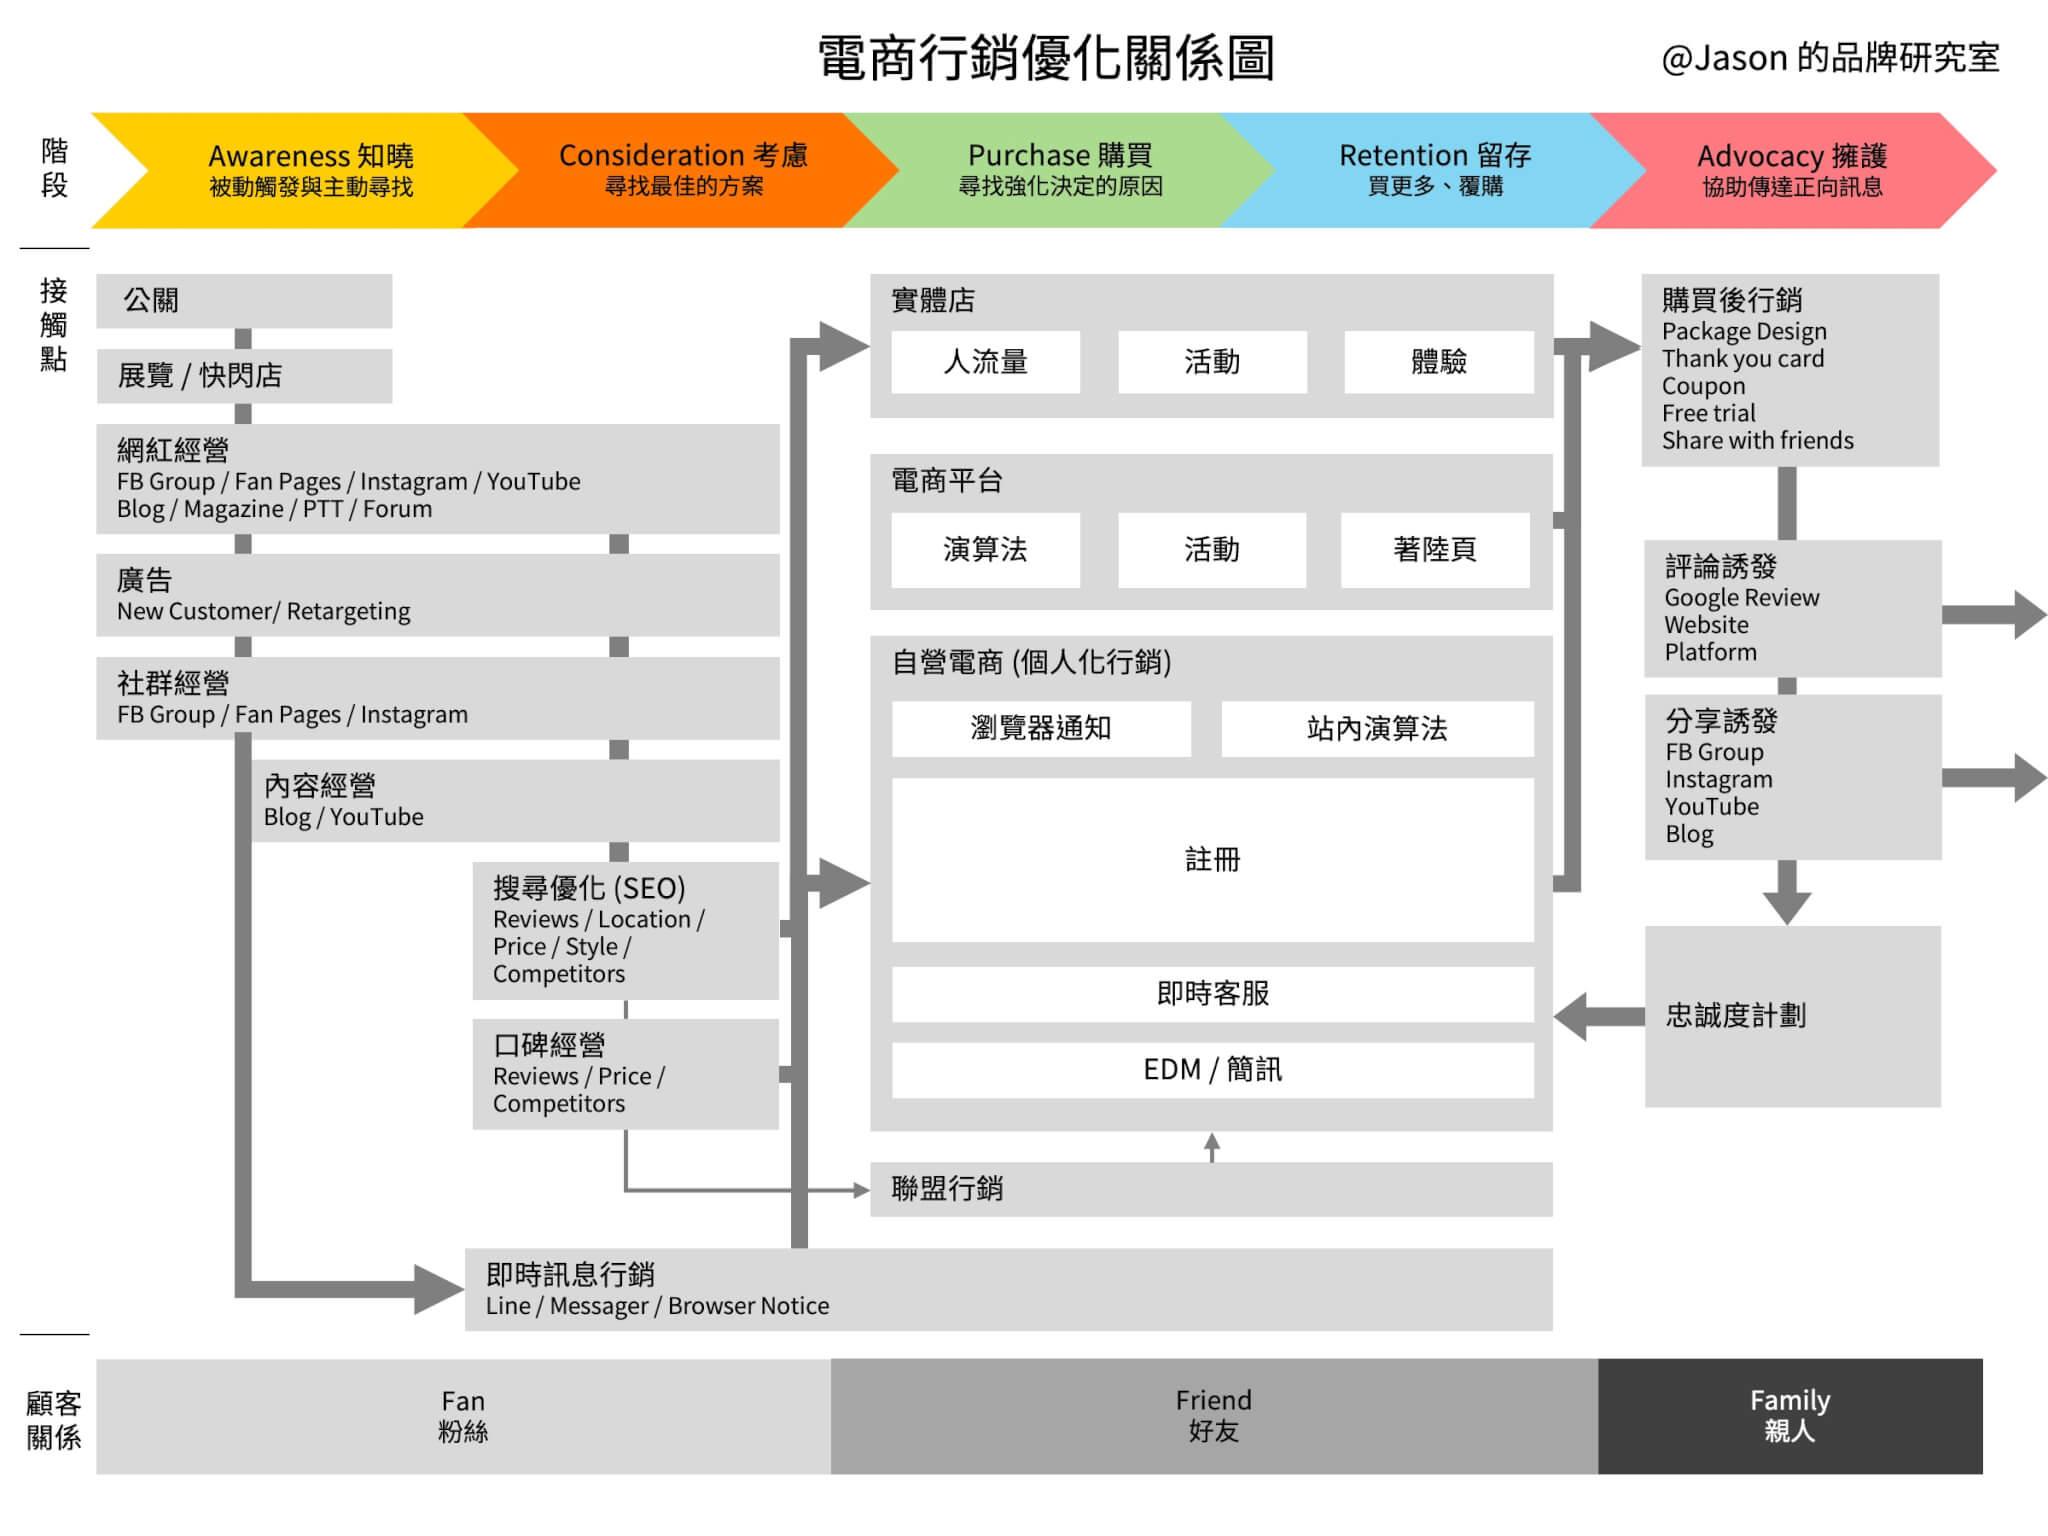 電商行銷優化關係圖-L